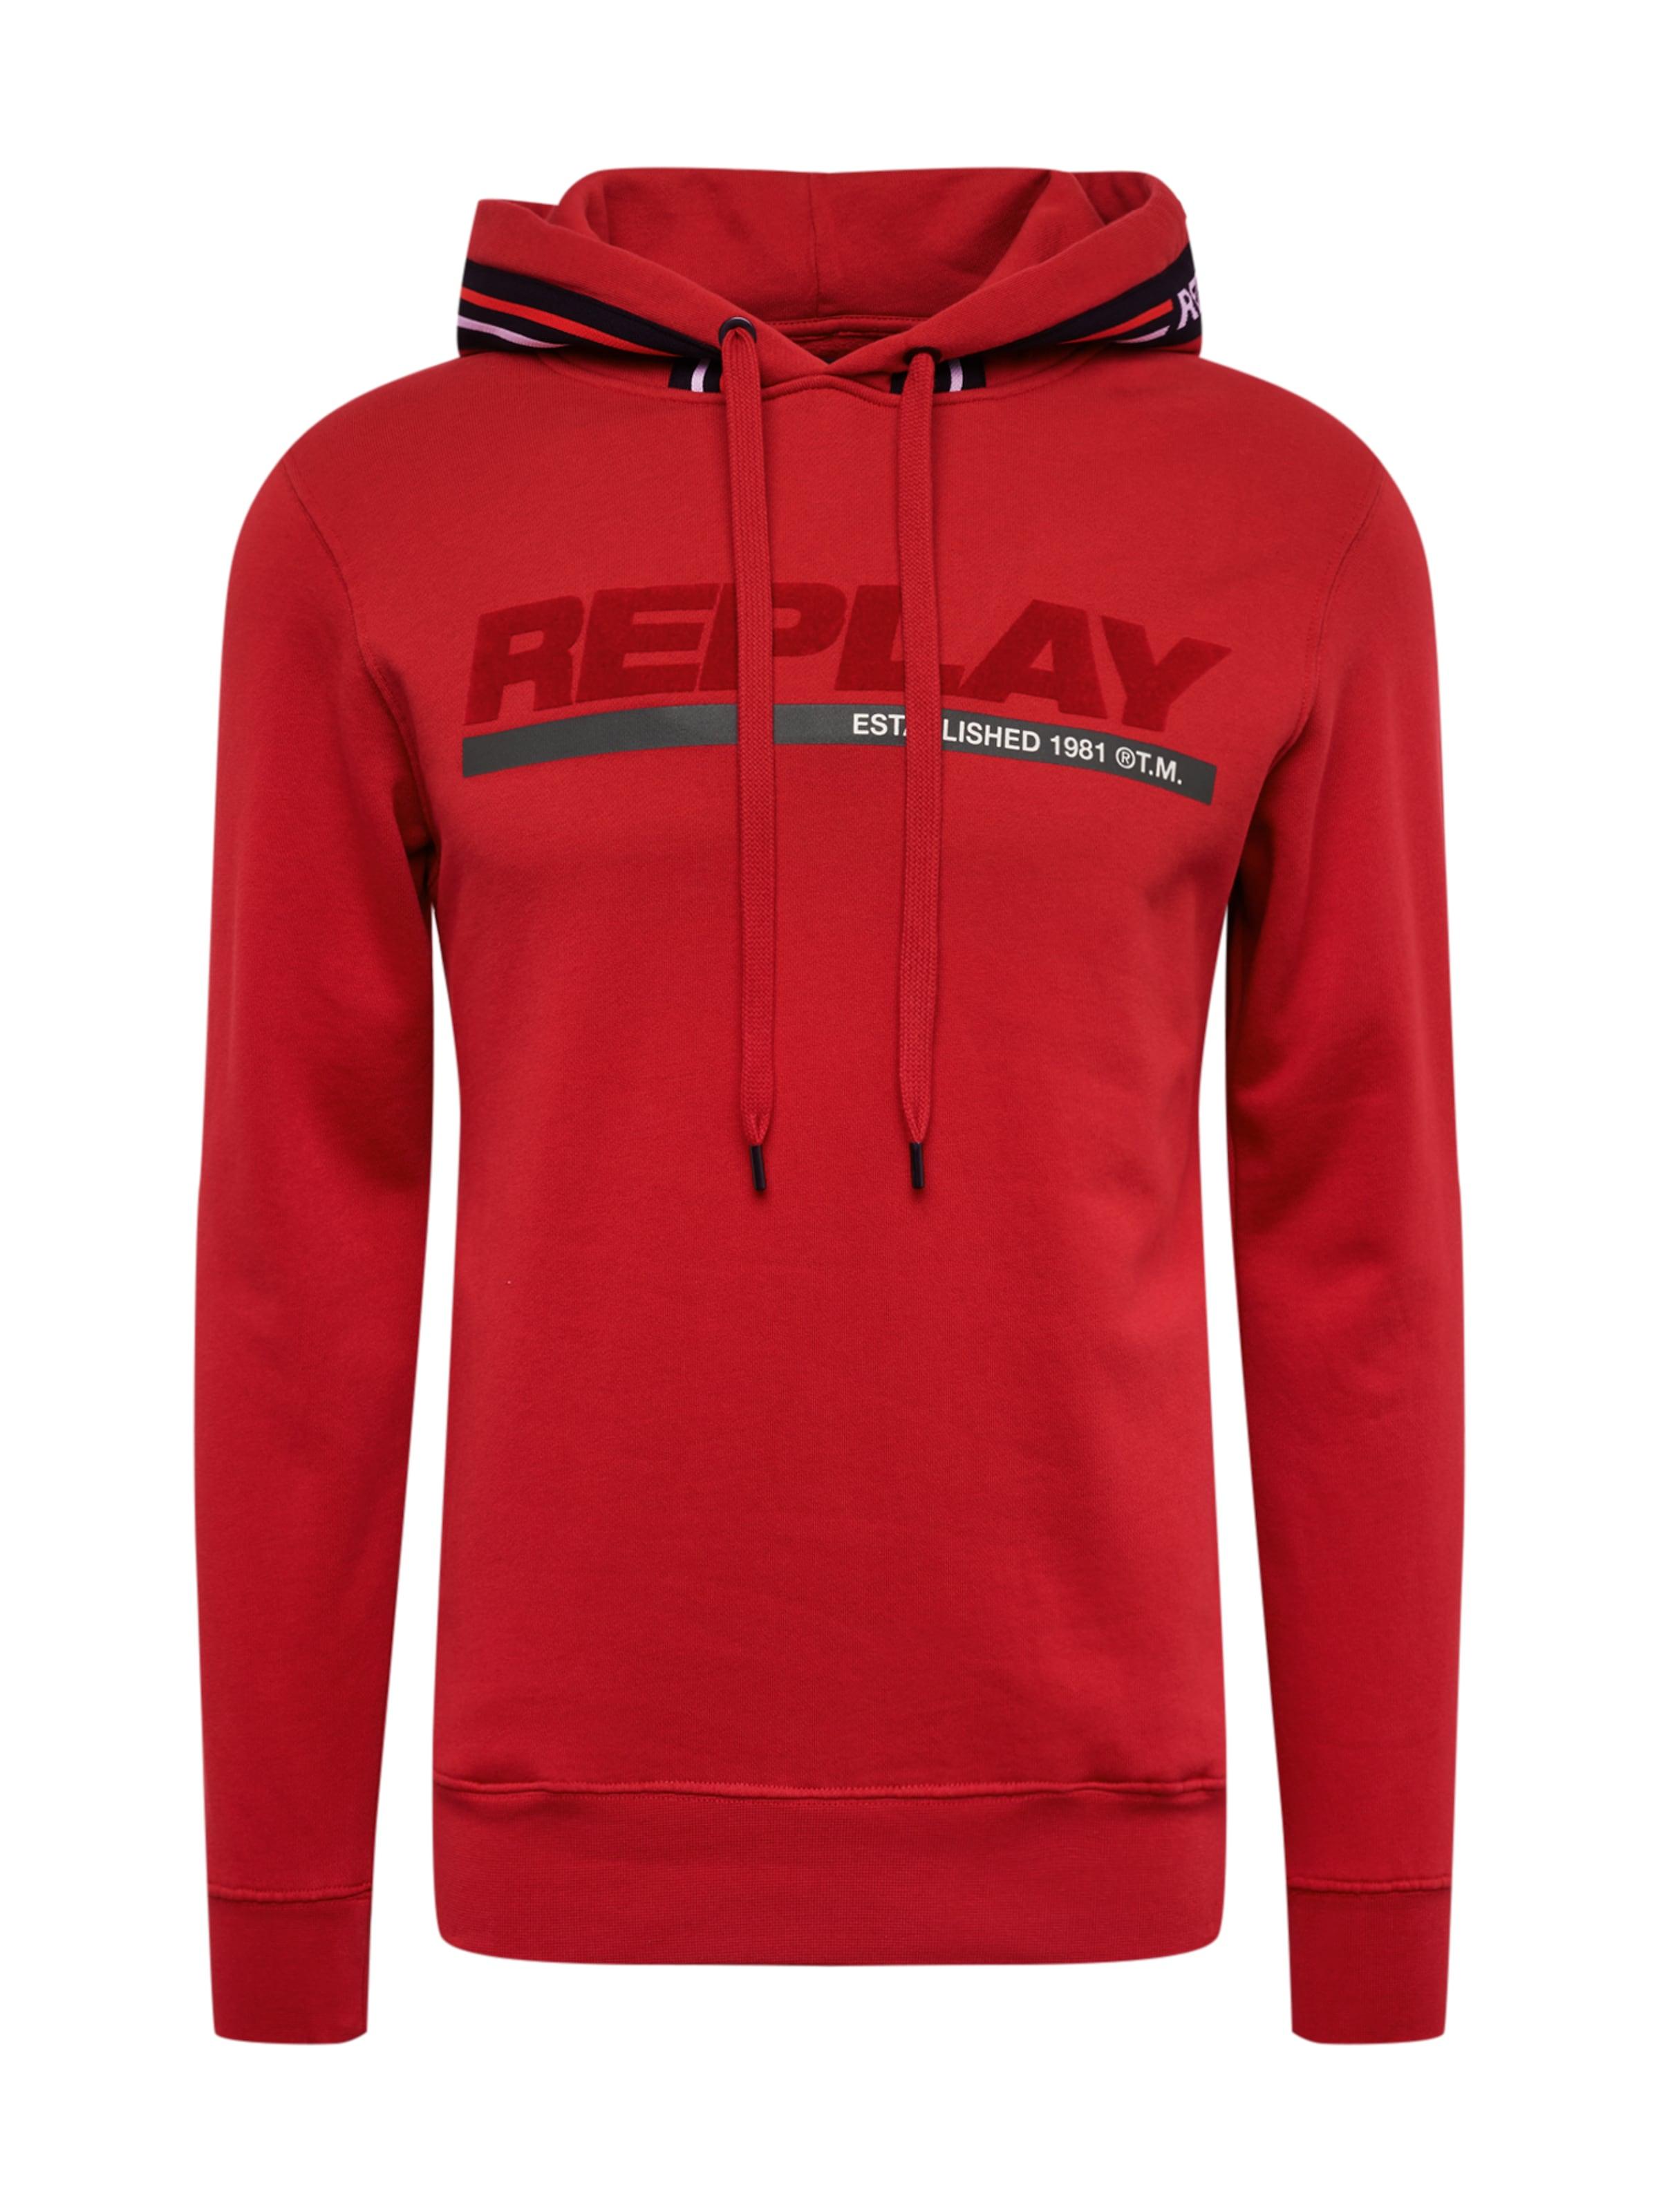 Replay Replay Sweat Sweat En shirt shirt Rouge Ie29HbWYED